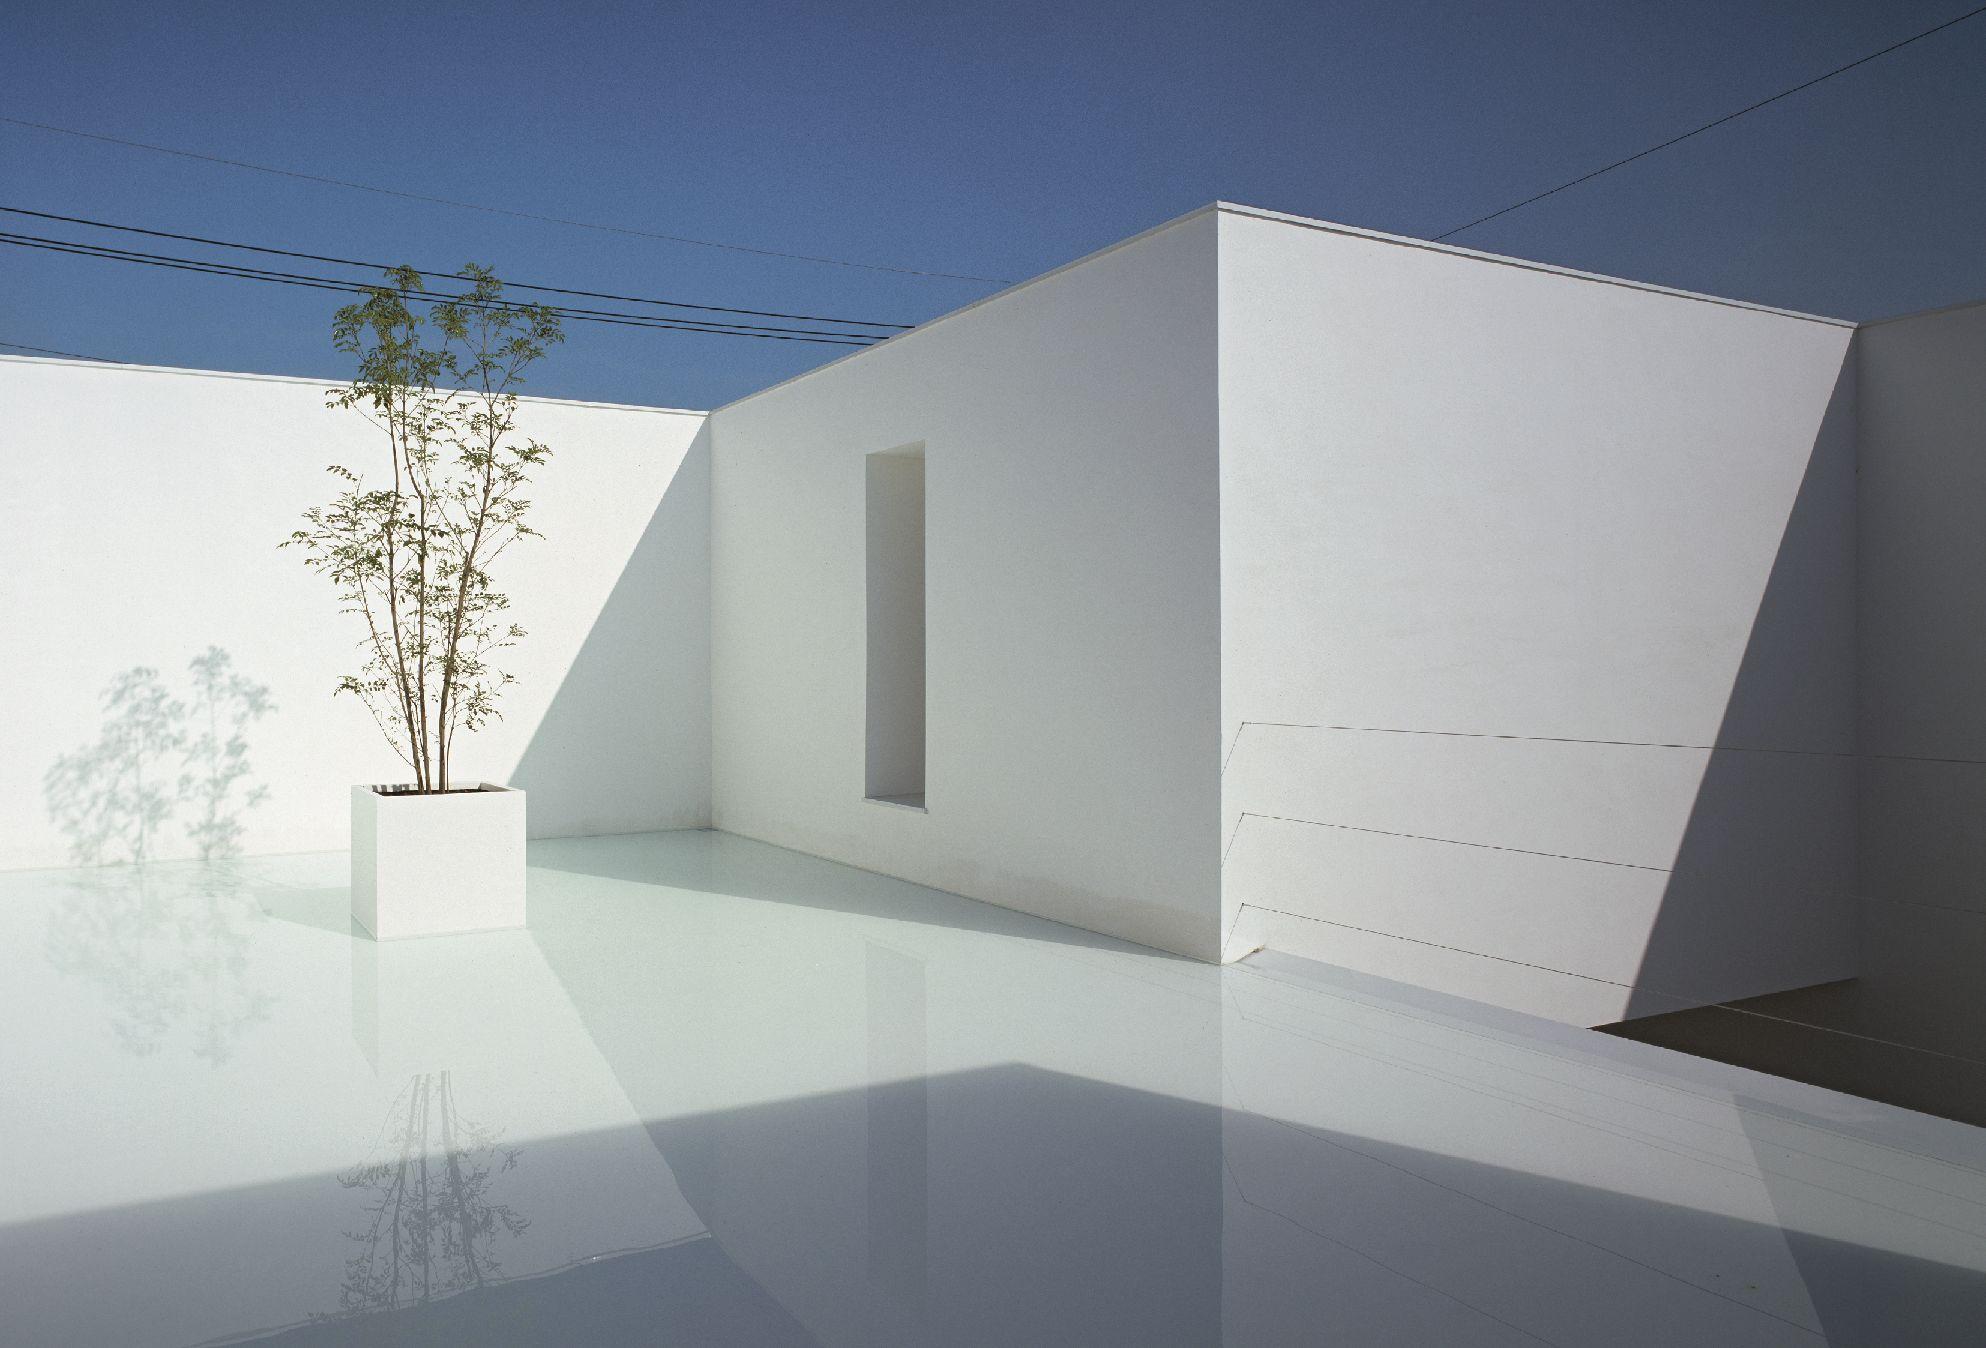 Αν απολαμβάνετε την ηρεμία του νερού, θα εκτιμήσετε τις κατοικίες που το αξιοποιούν στην αρχιτεκτονική